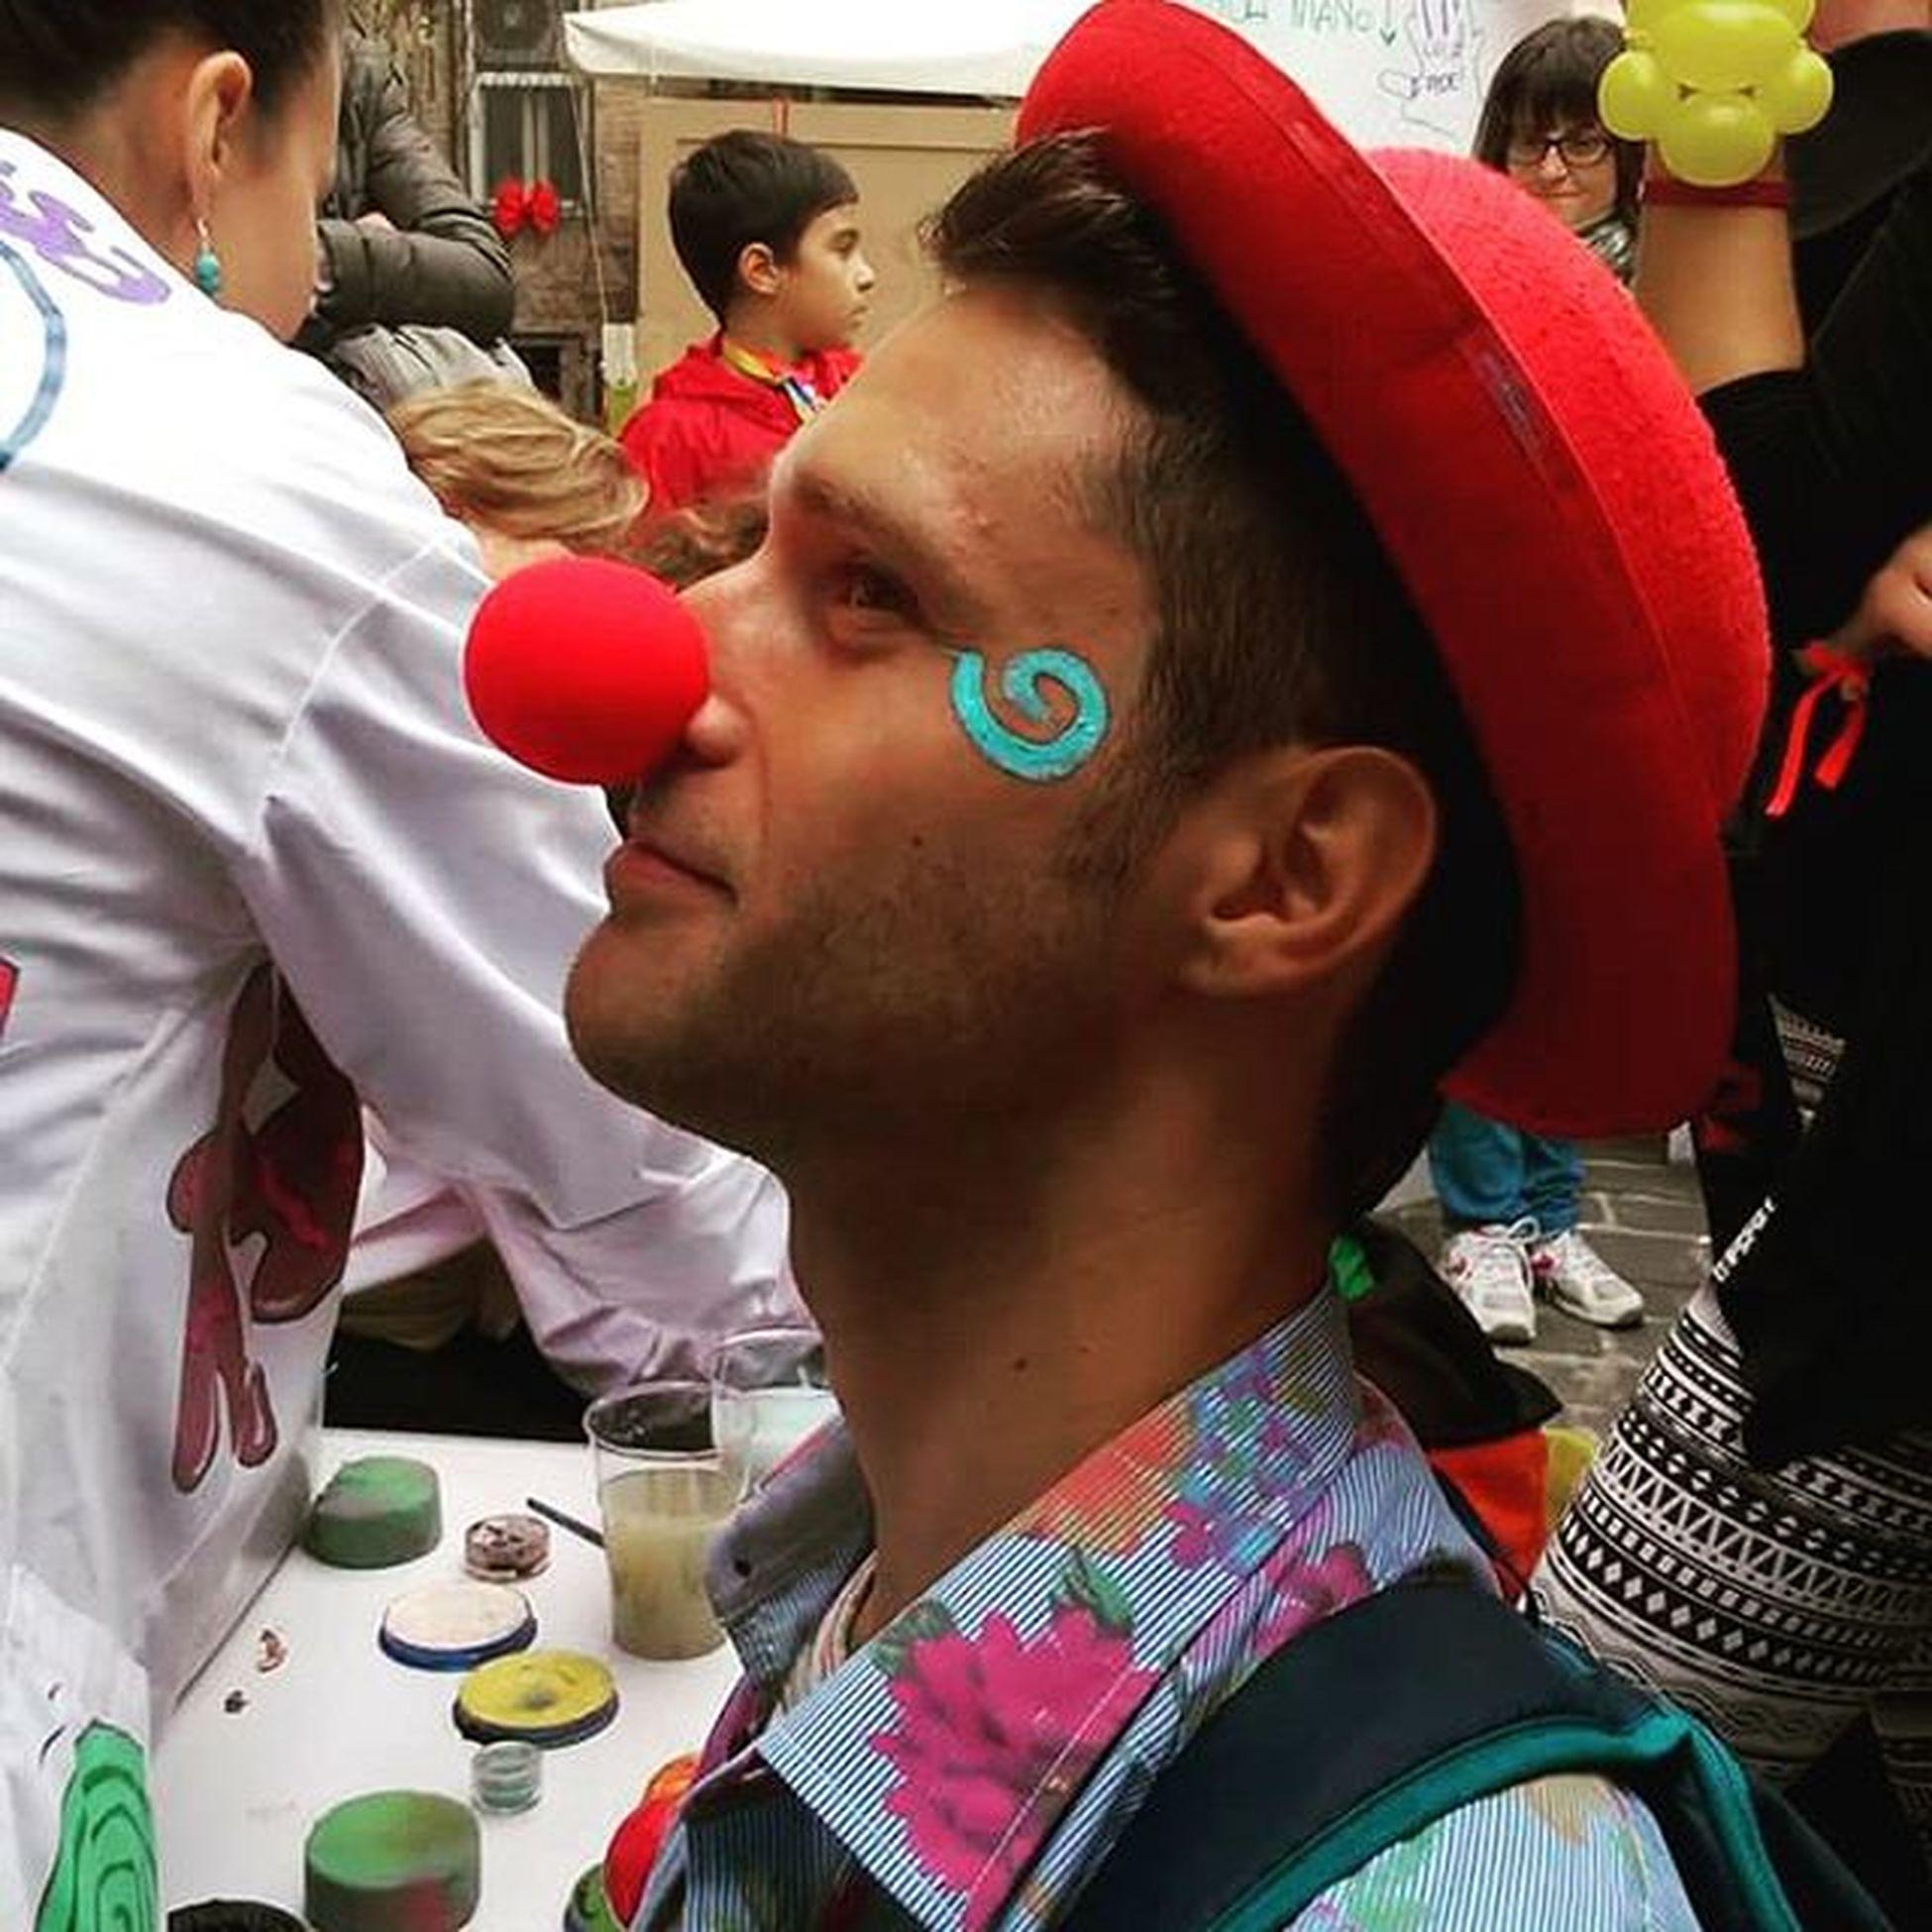 essere felici è una scelta Esserefelici Truccabimbi Montesangiusto Clownandclownfestival2015